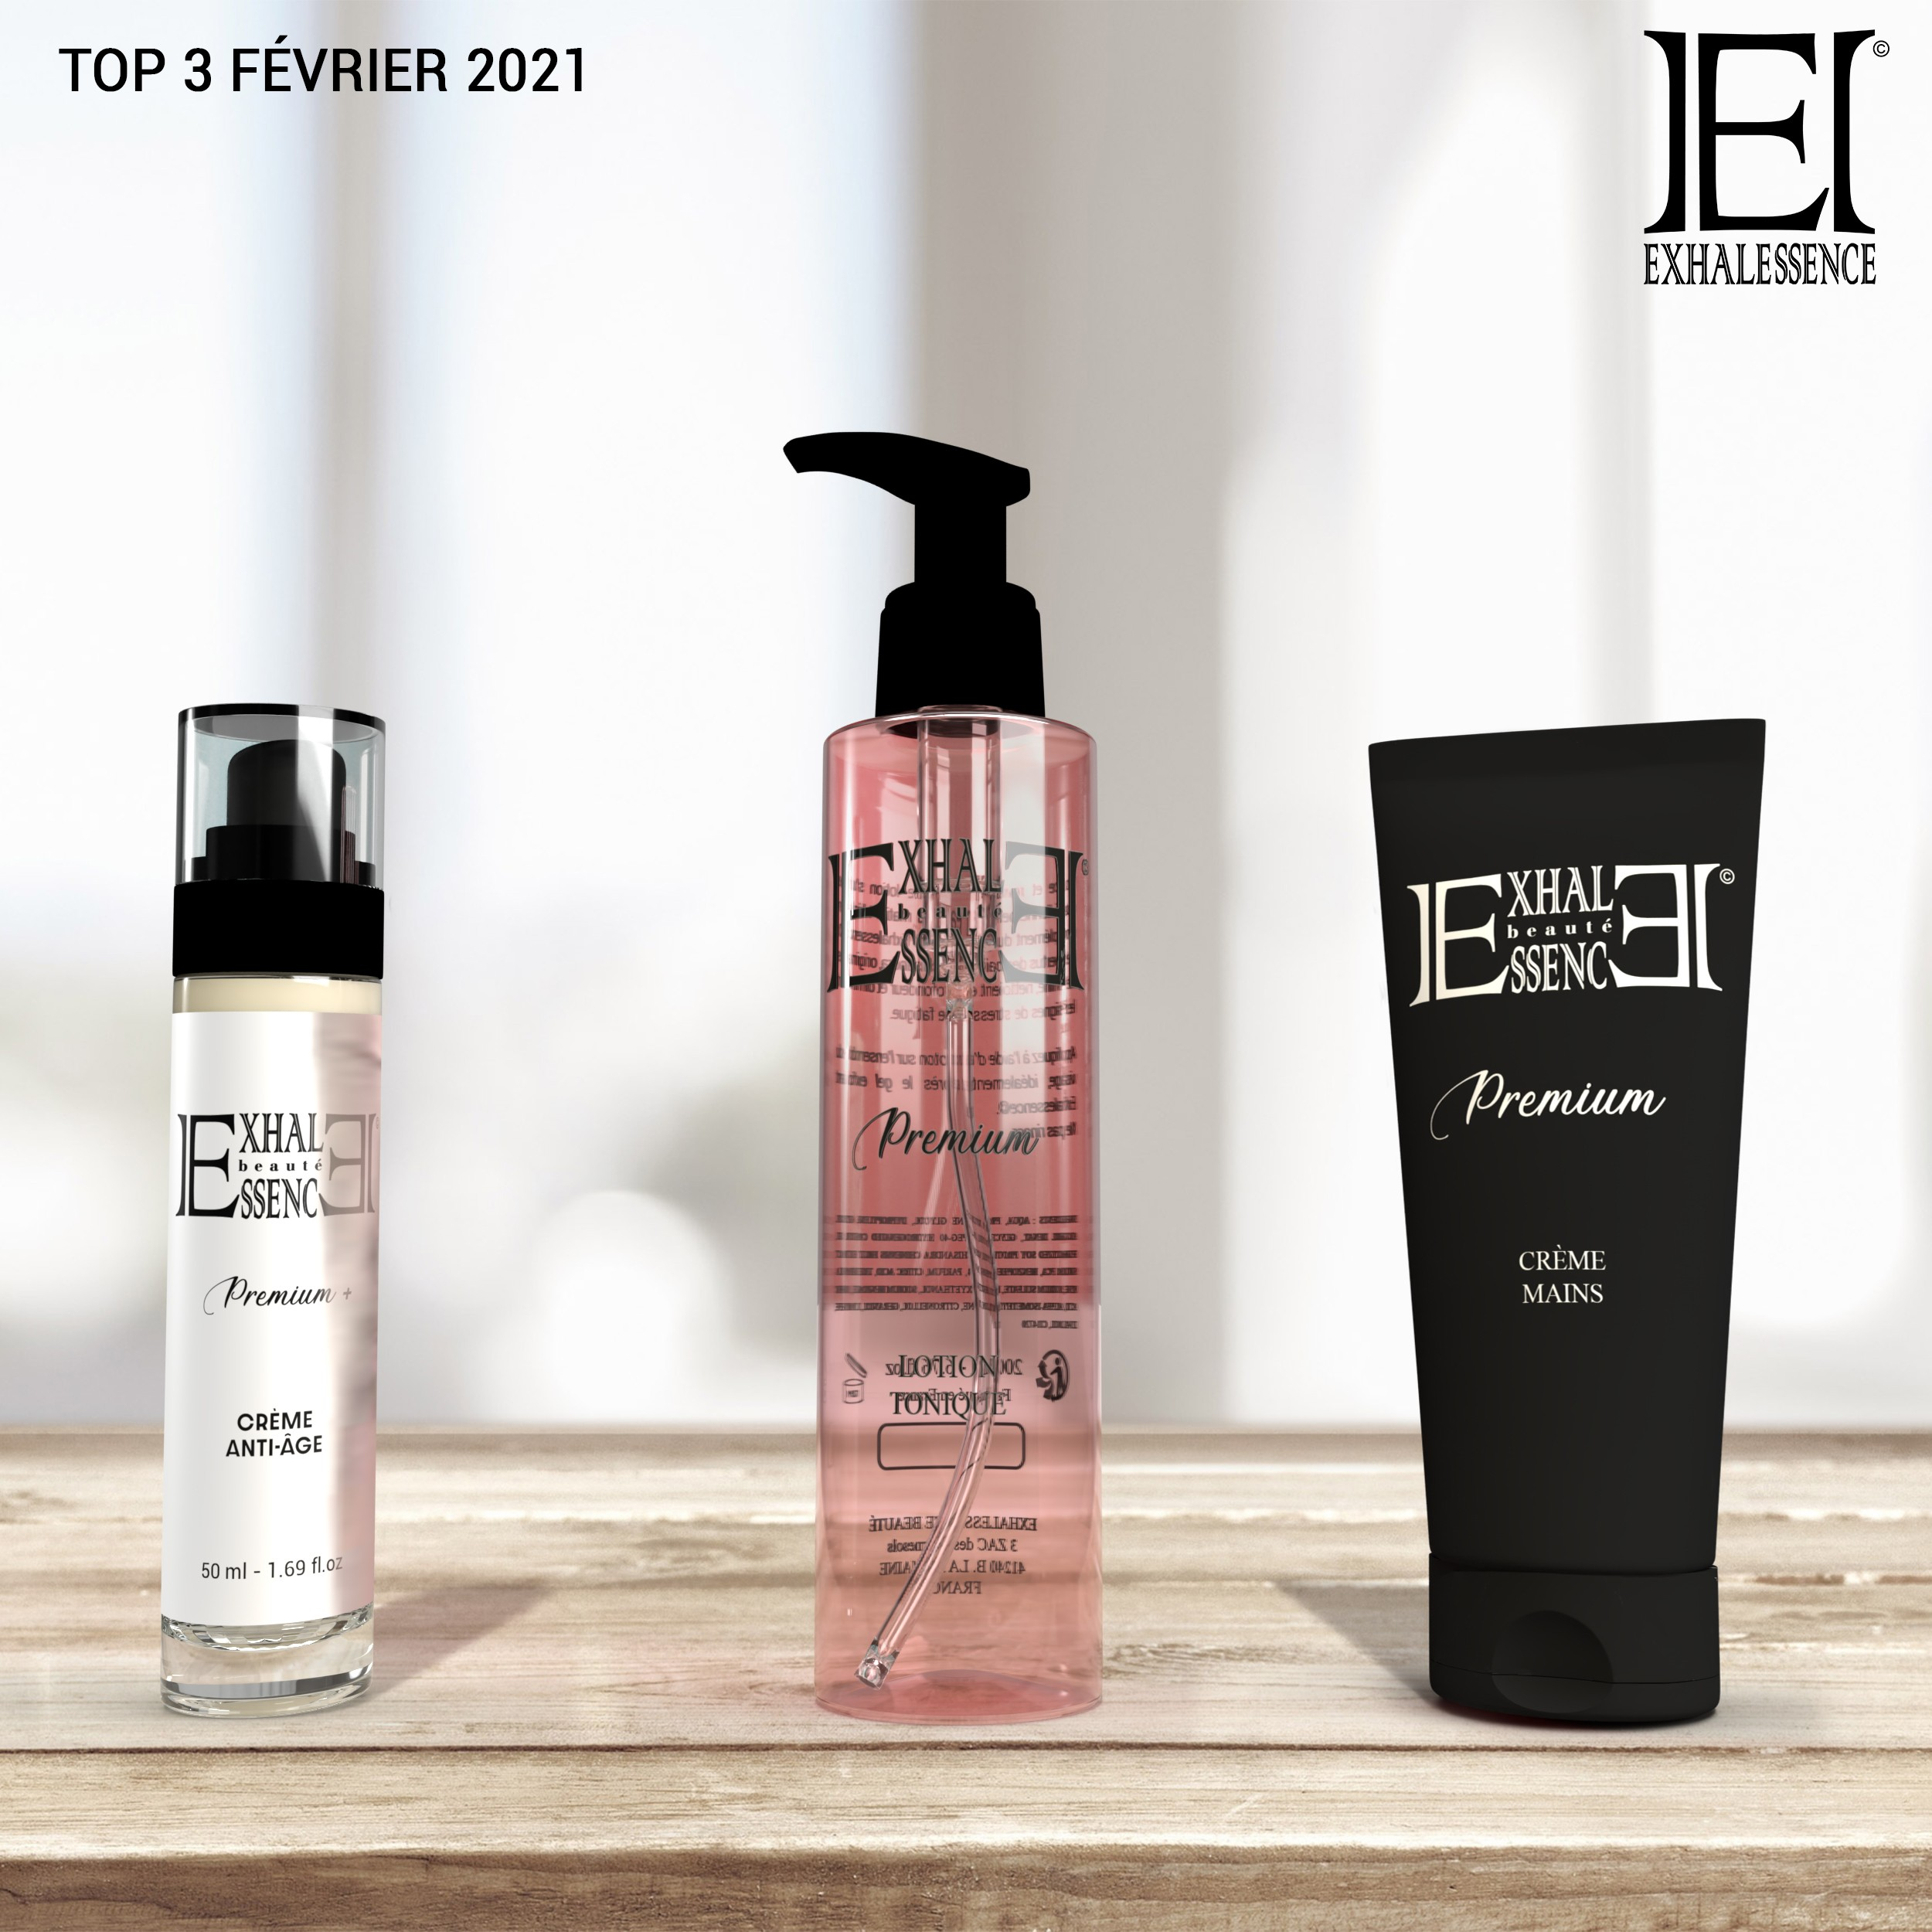 Top 3 des produits les plus vendus chez Exhalessence Beauté en Février 2021